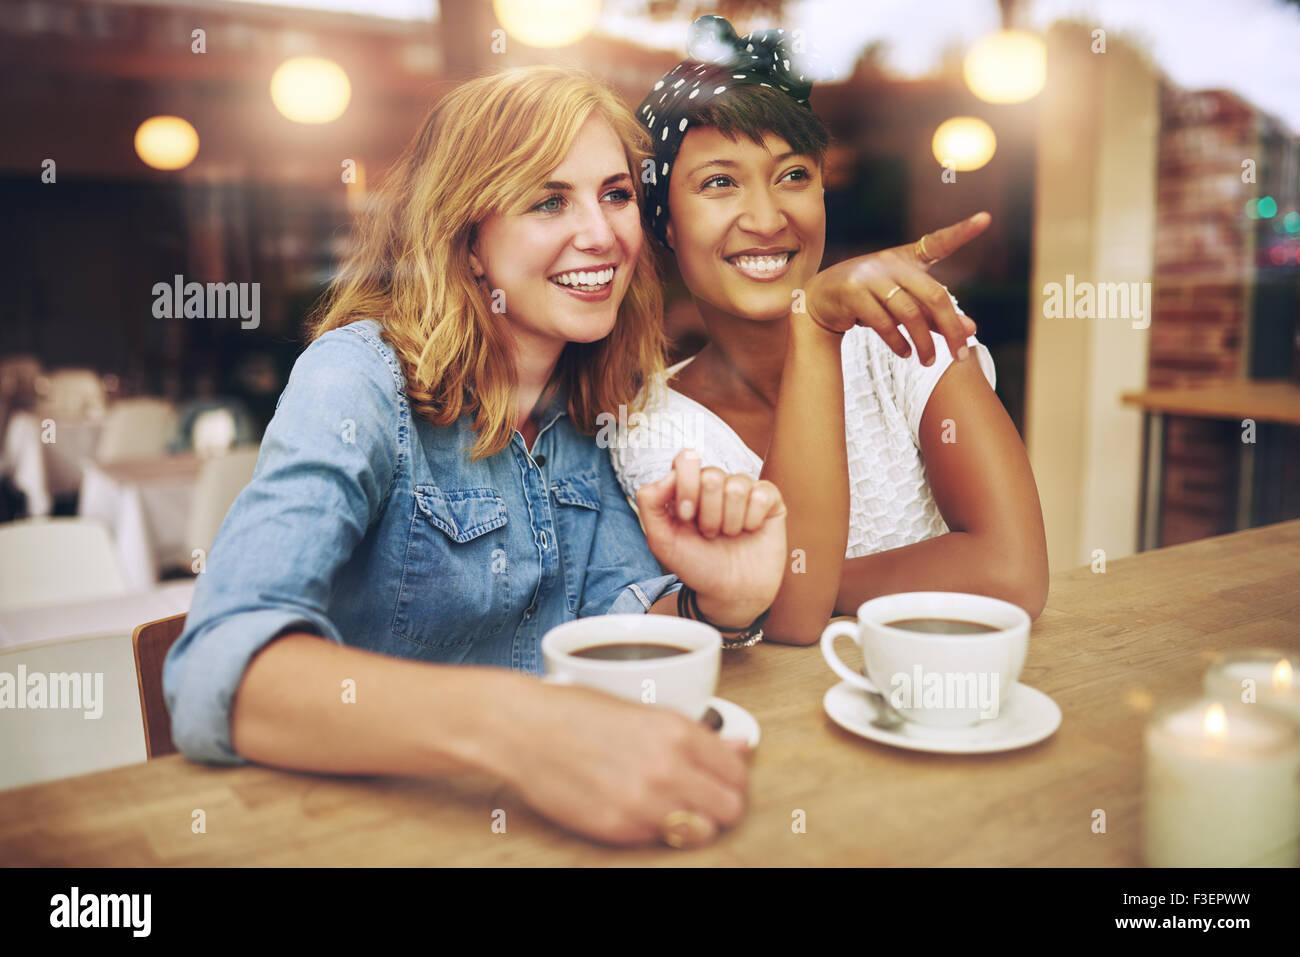 Happy girl gli amici sorseggiando caffè insieme in una casa di caffè qui seduto rivolto e sorridente con Immagini Stock